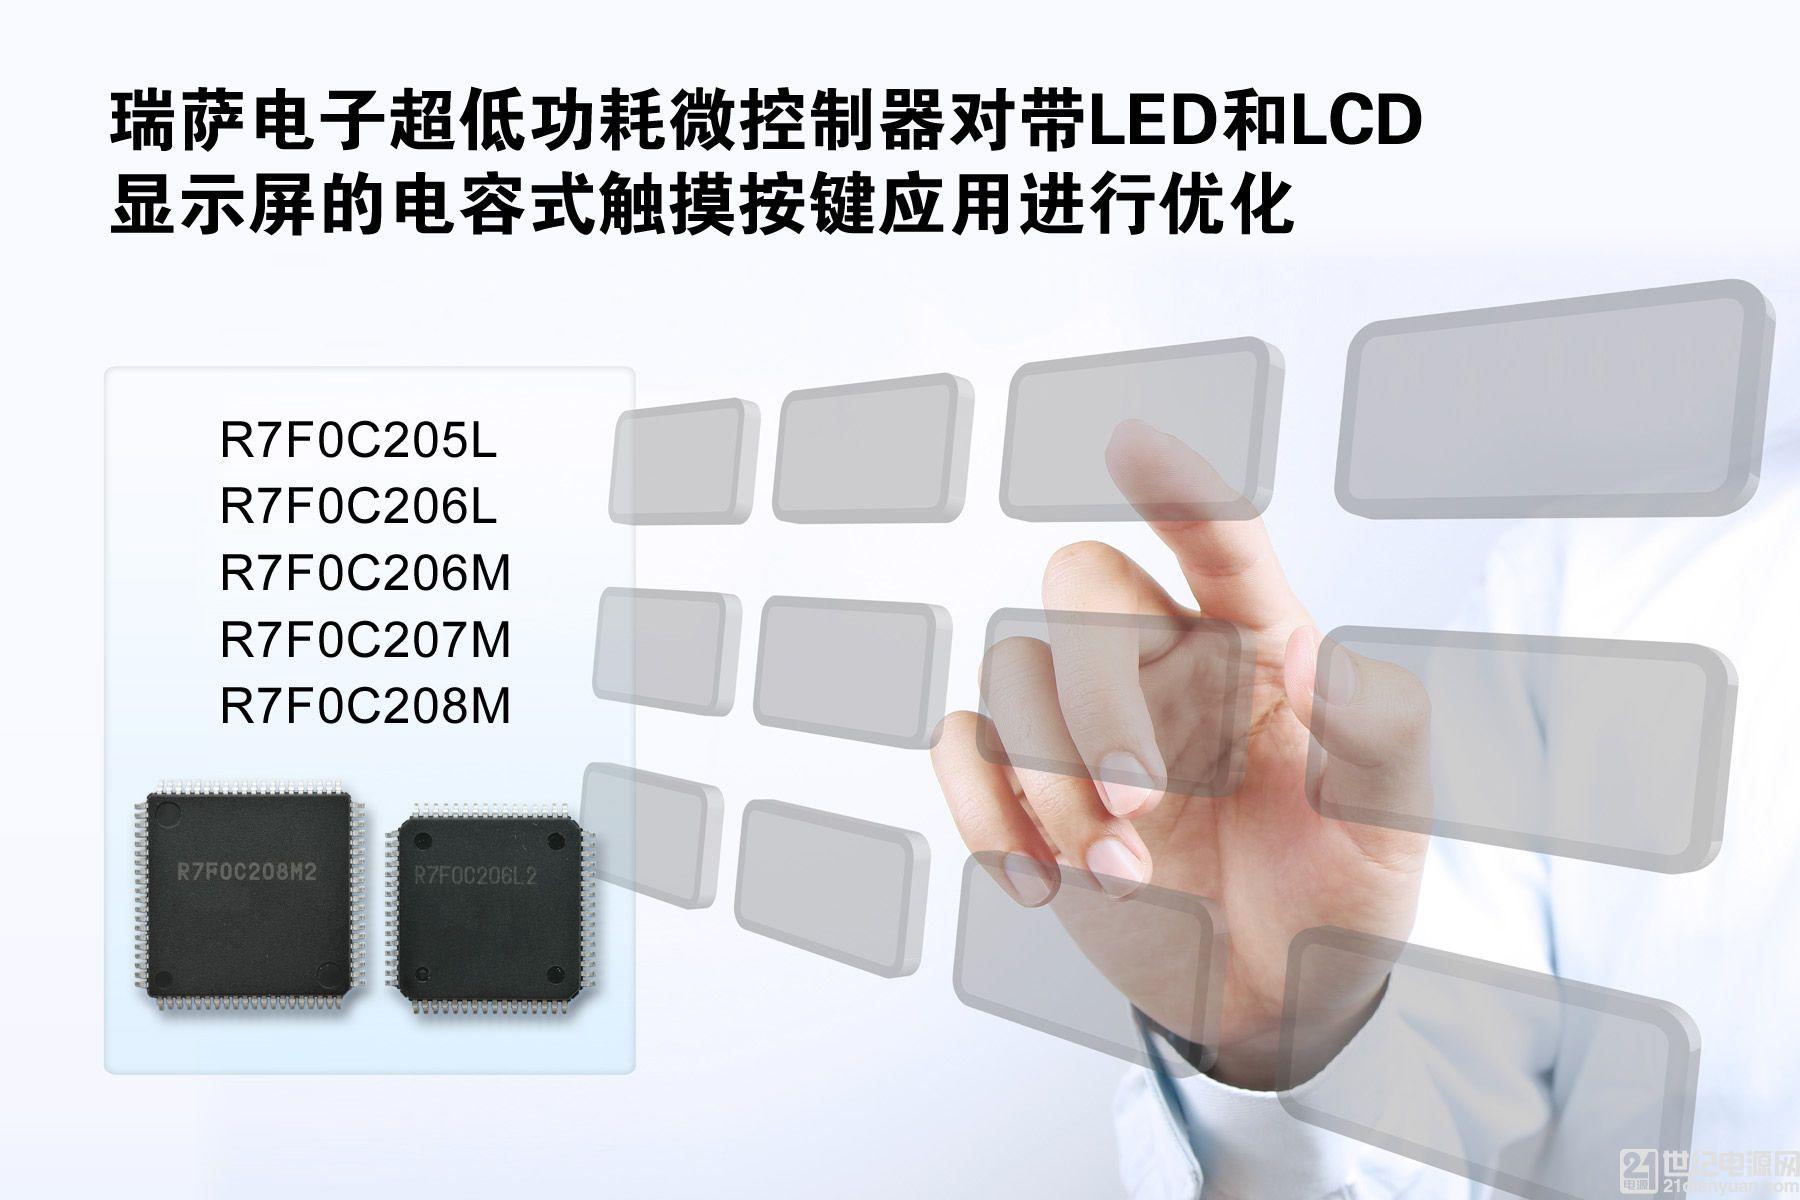 瑞萨电子推出新型超低功耗微控制器,对带 LED 和 LCD 显示屏的电容式触摸按键应用进行优化